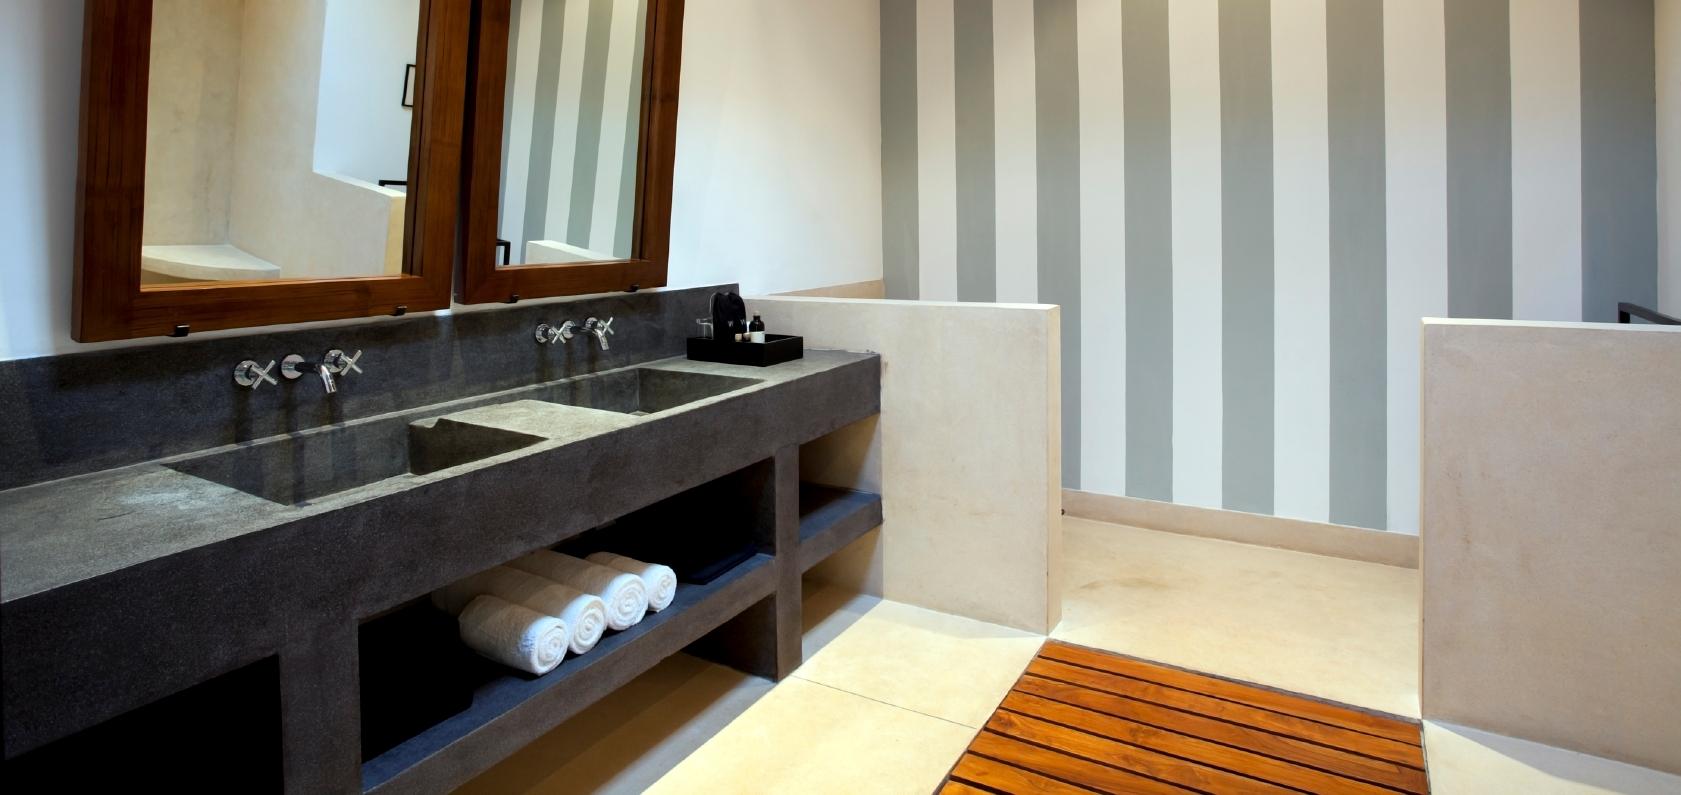 Salle de bain avec accent de bois et comptoir en beton poli